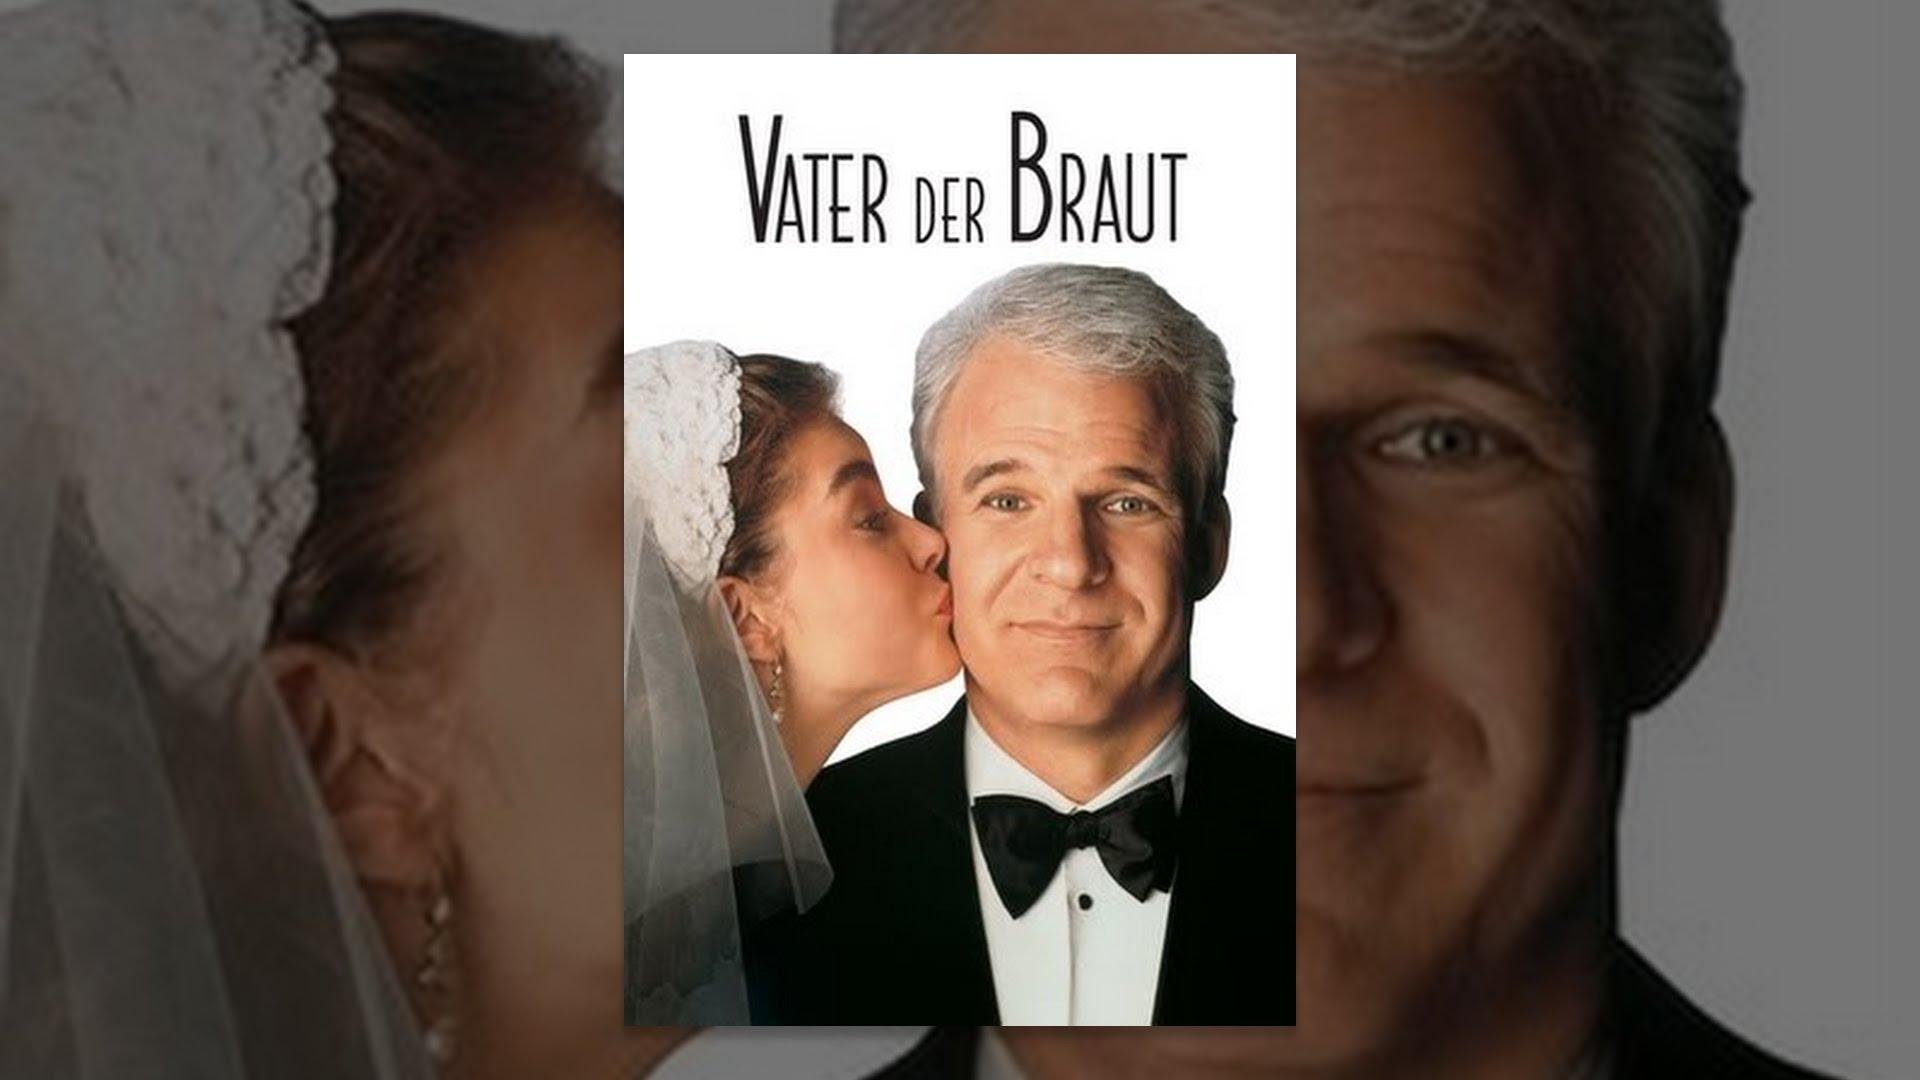 Vater der Braut  YouTube